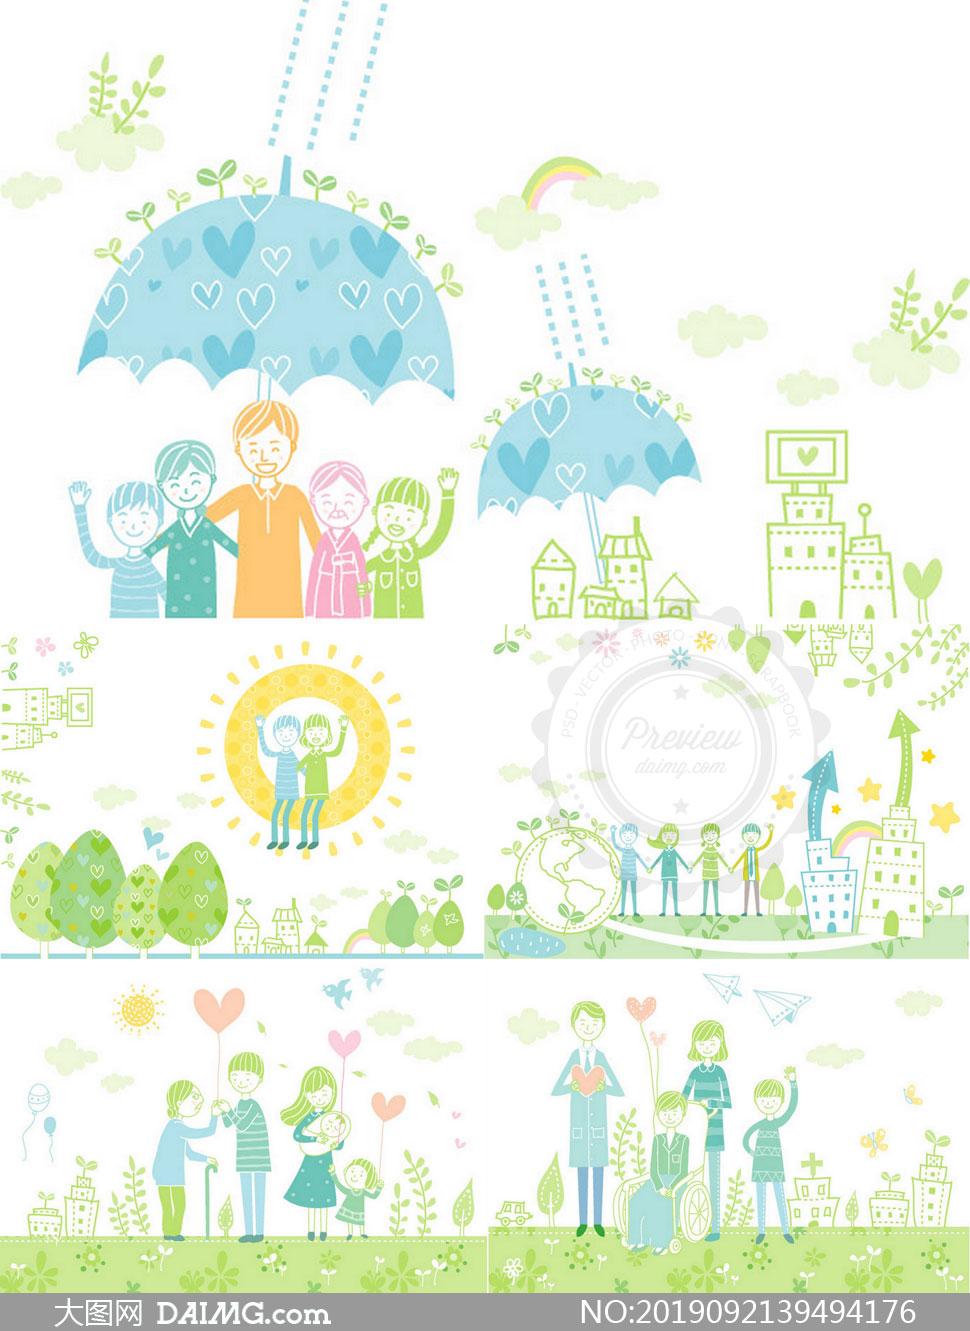 手绘创意清新家庭人物插画矢量素材